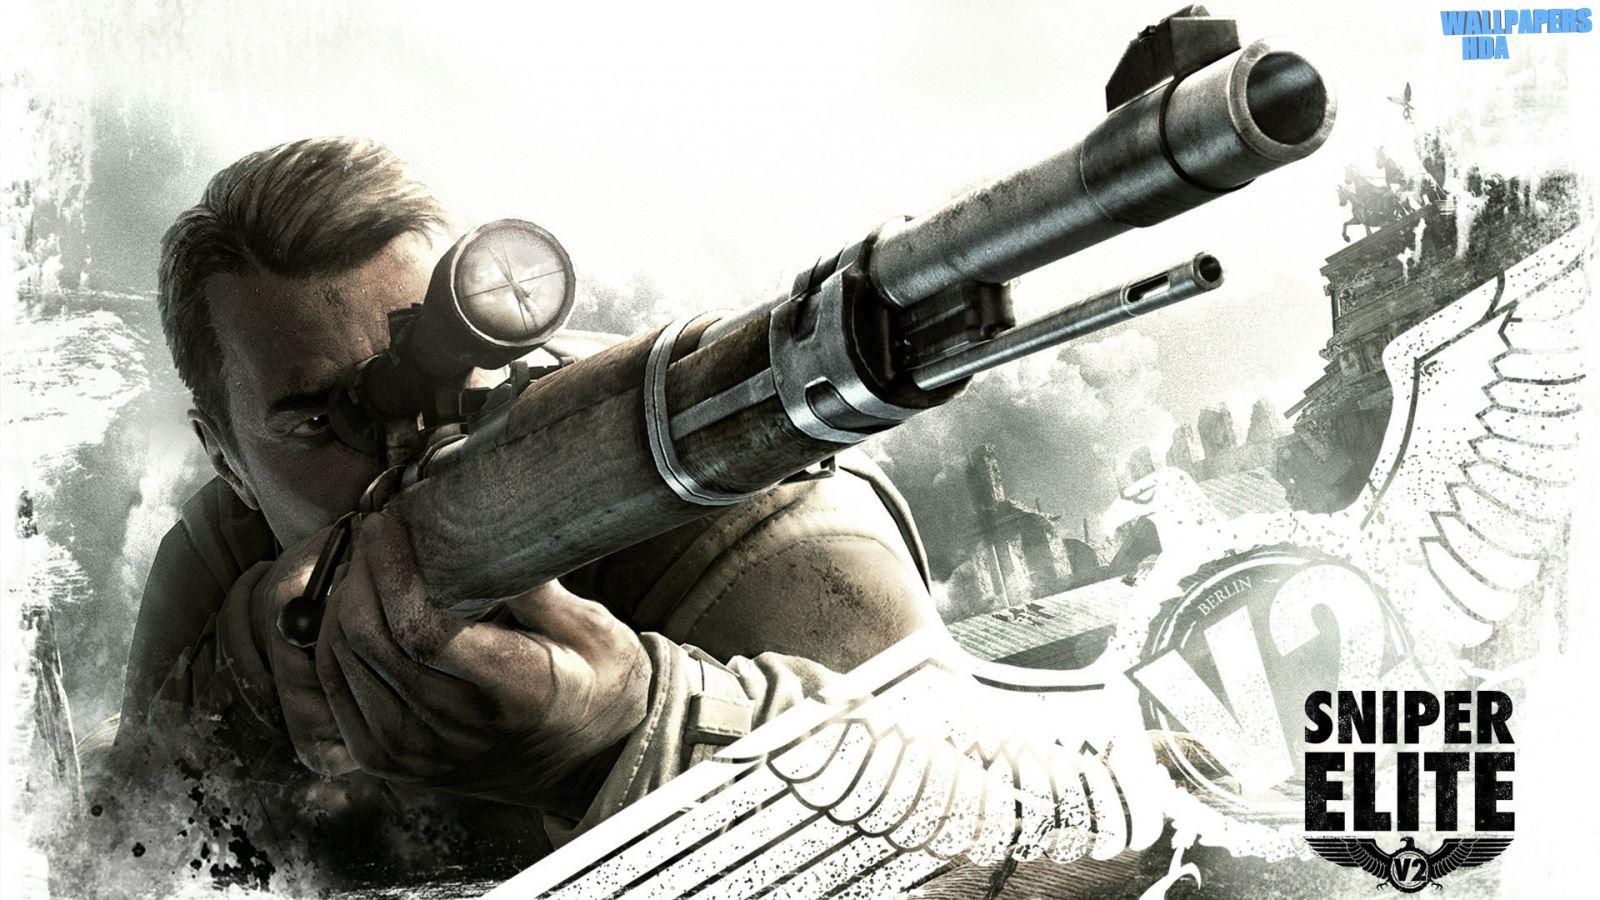 Sniper elite 1600x900